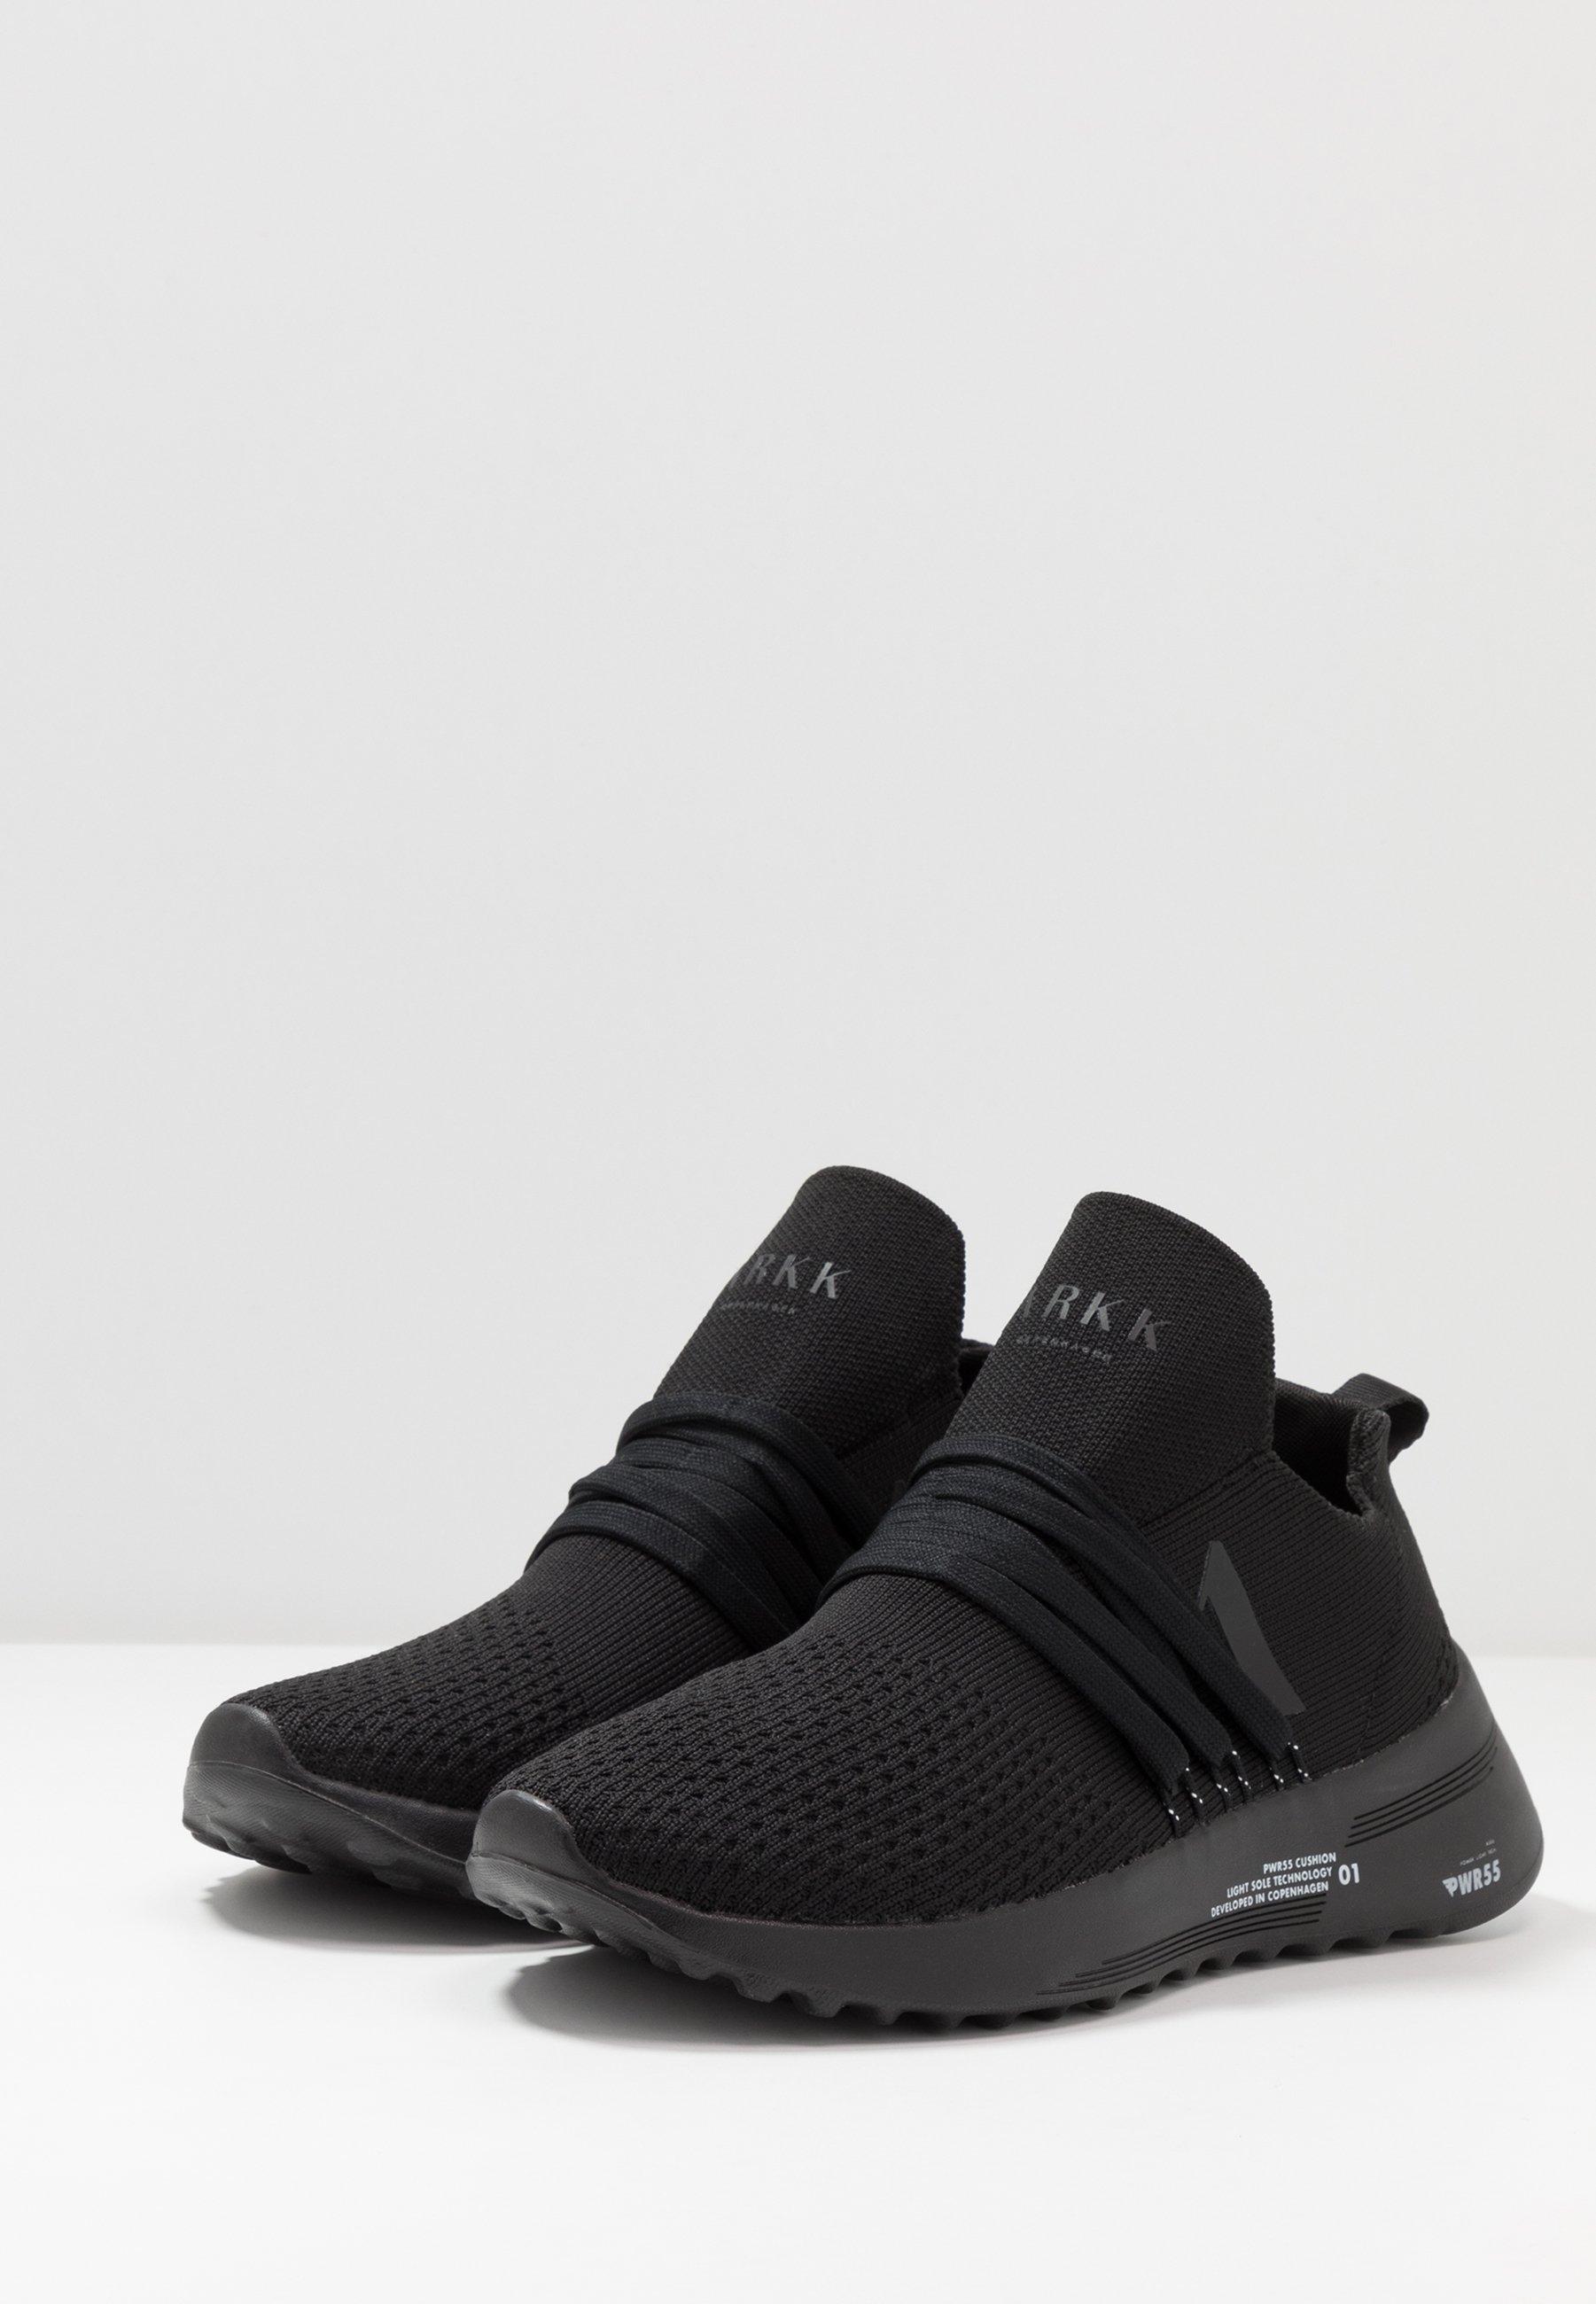 RAVEN FG 2.0 PWR5 Sneakers blackwhite